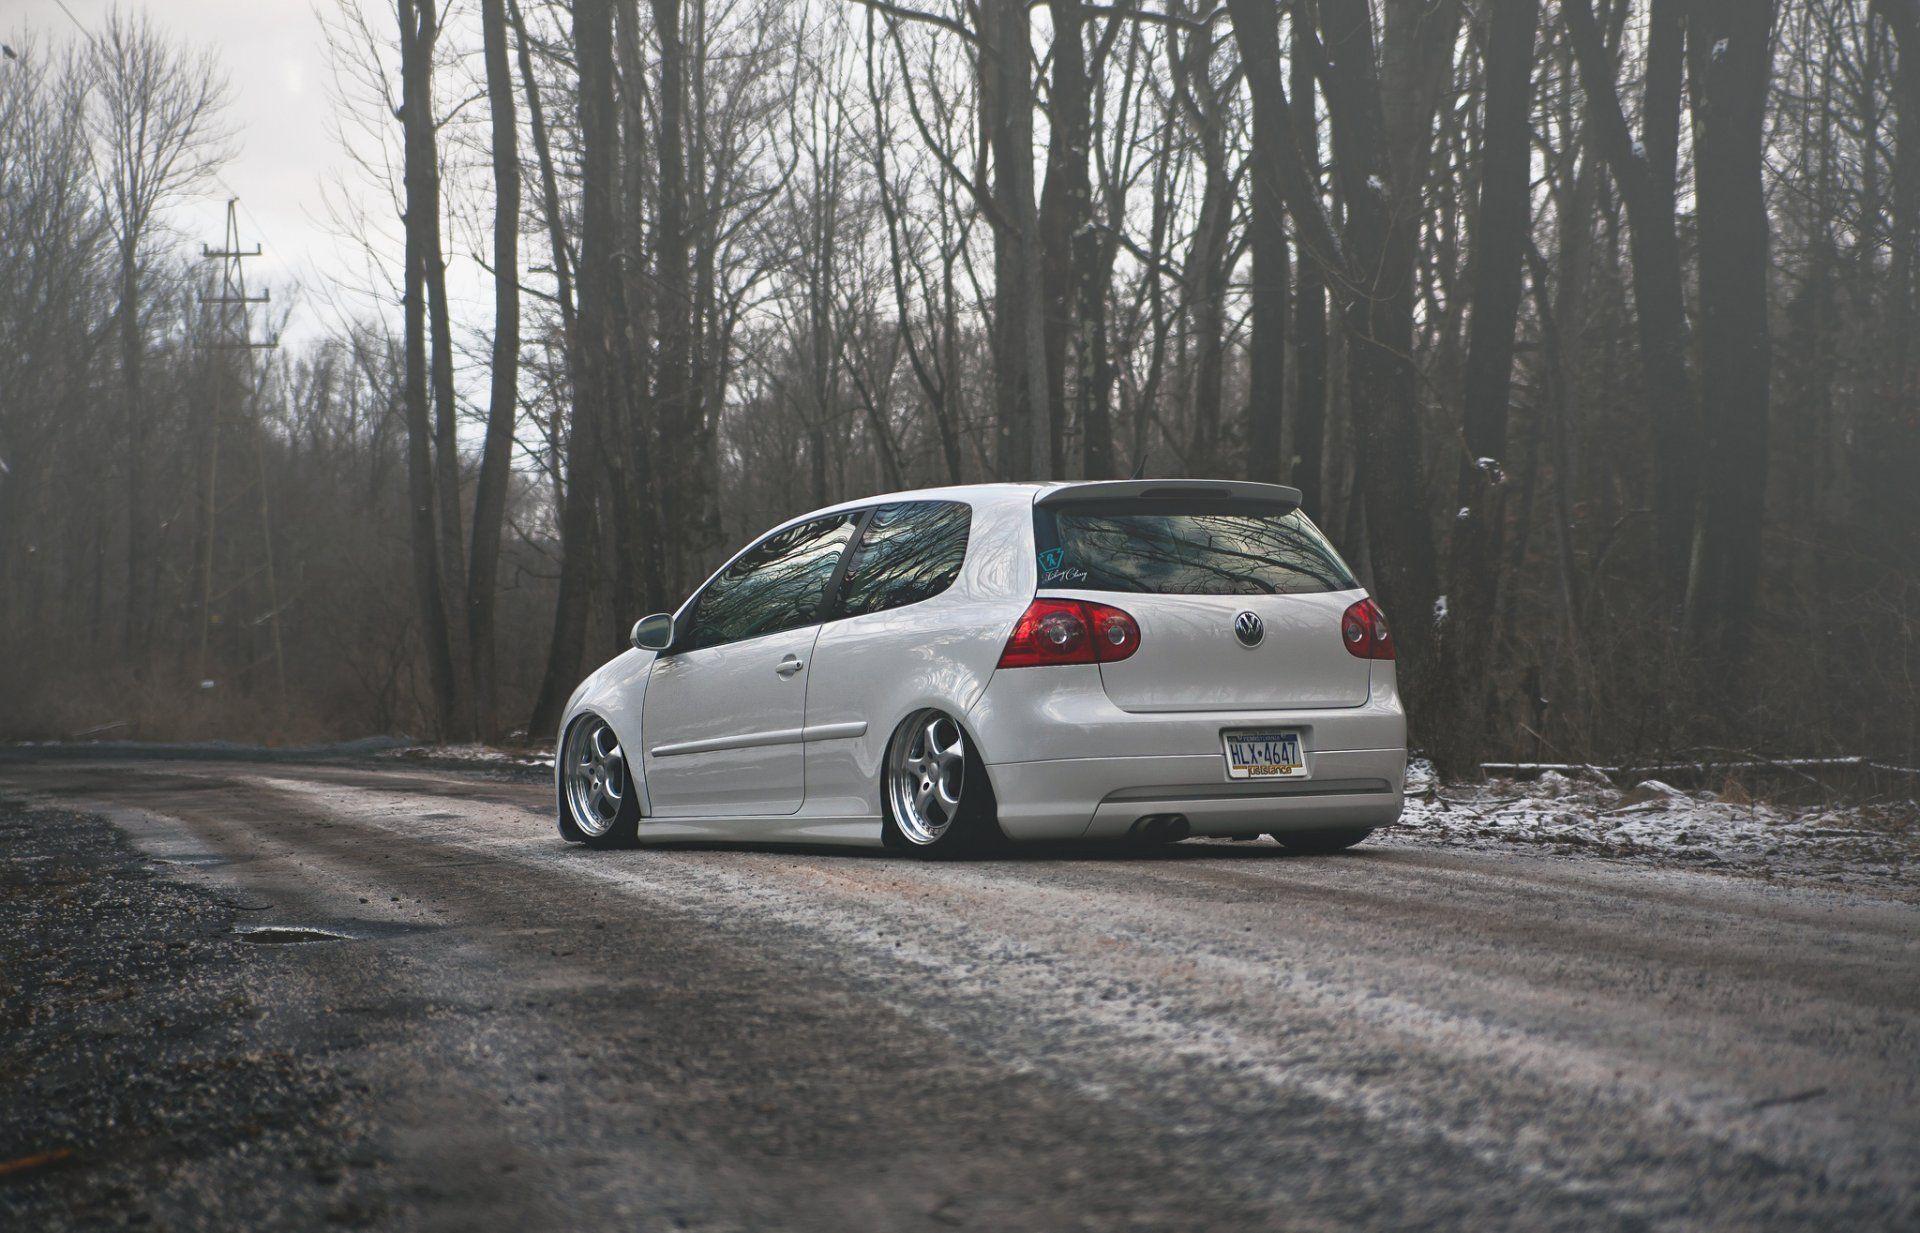 Volkswagen Golf Gti Stance Tuning Winter